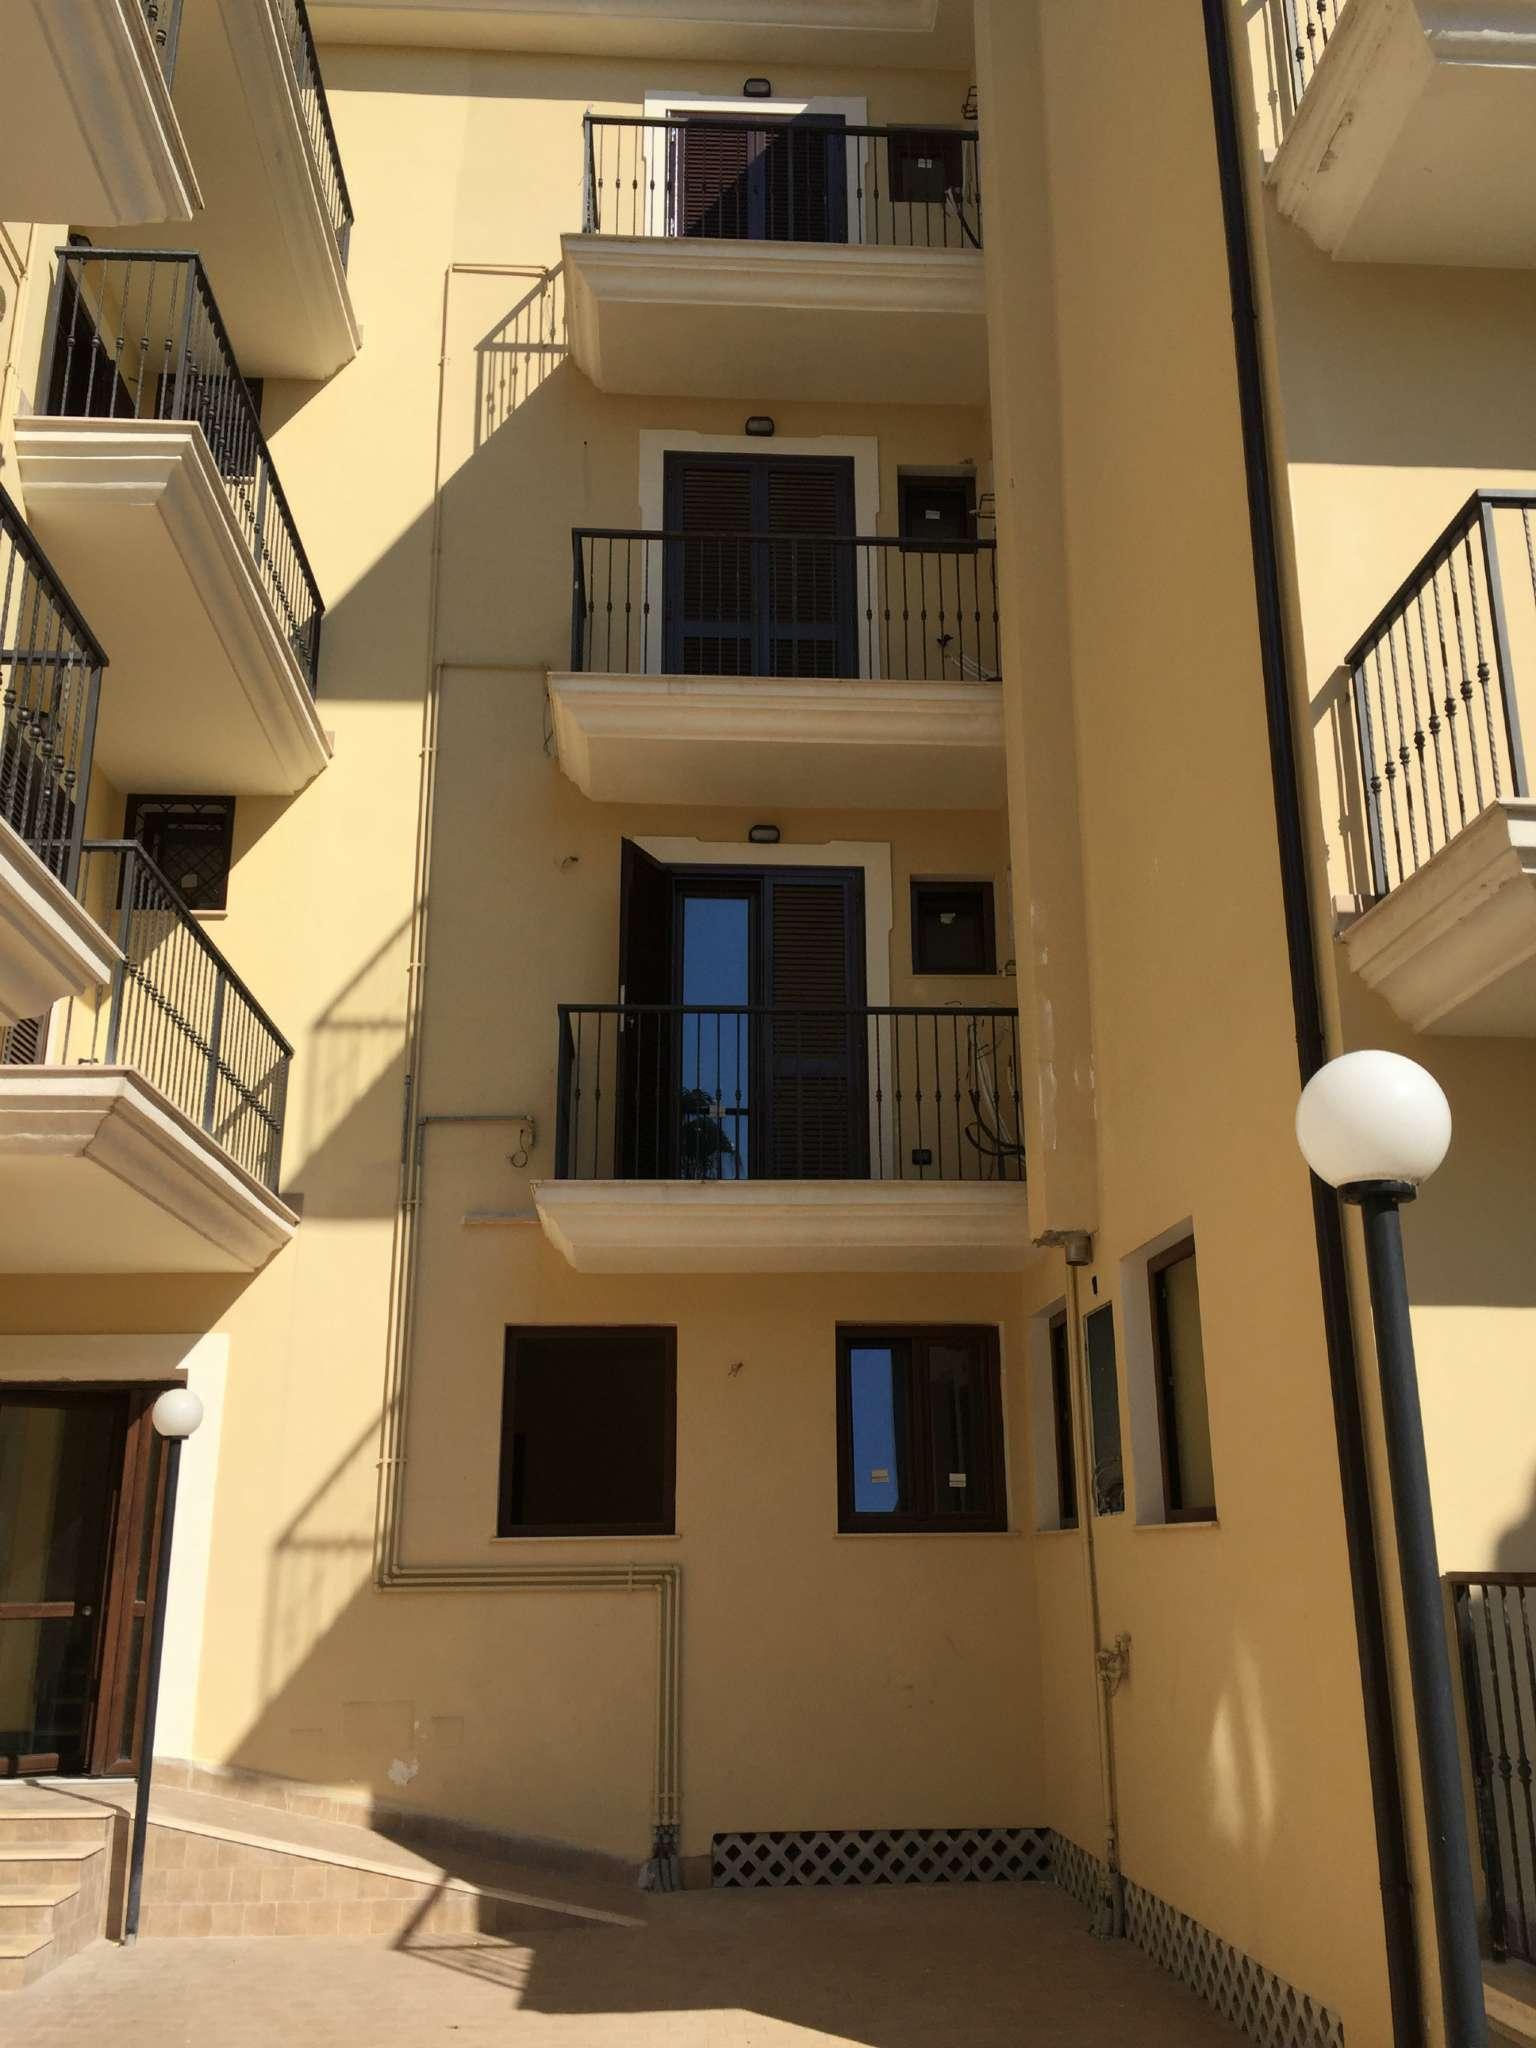 Attico / Mansarda in affitto a Marcianise, 3 locali, prezzo € 350 | CambioCasa.it